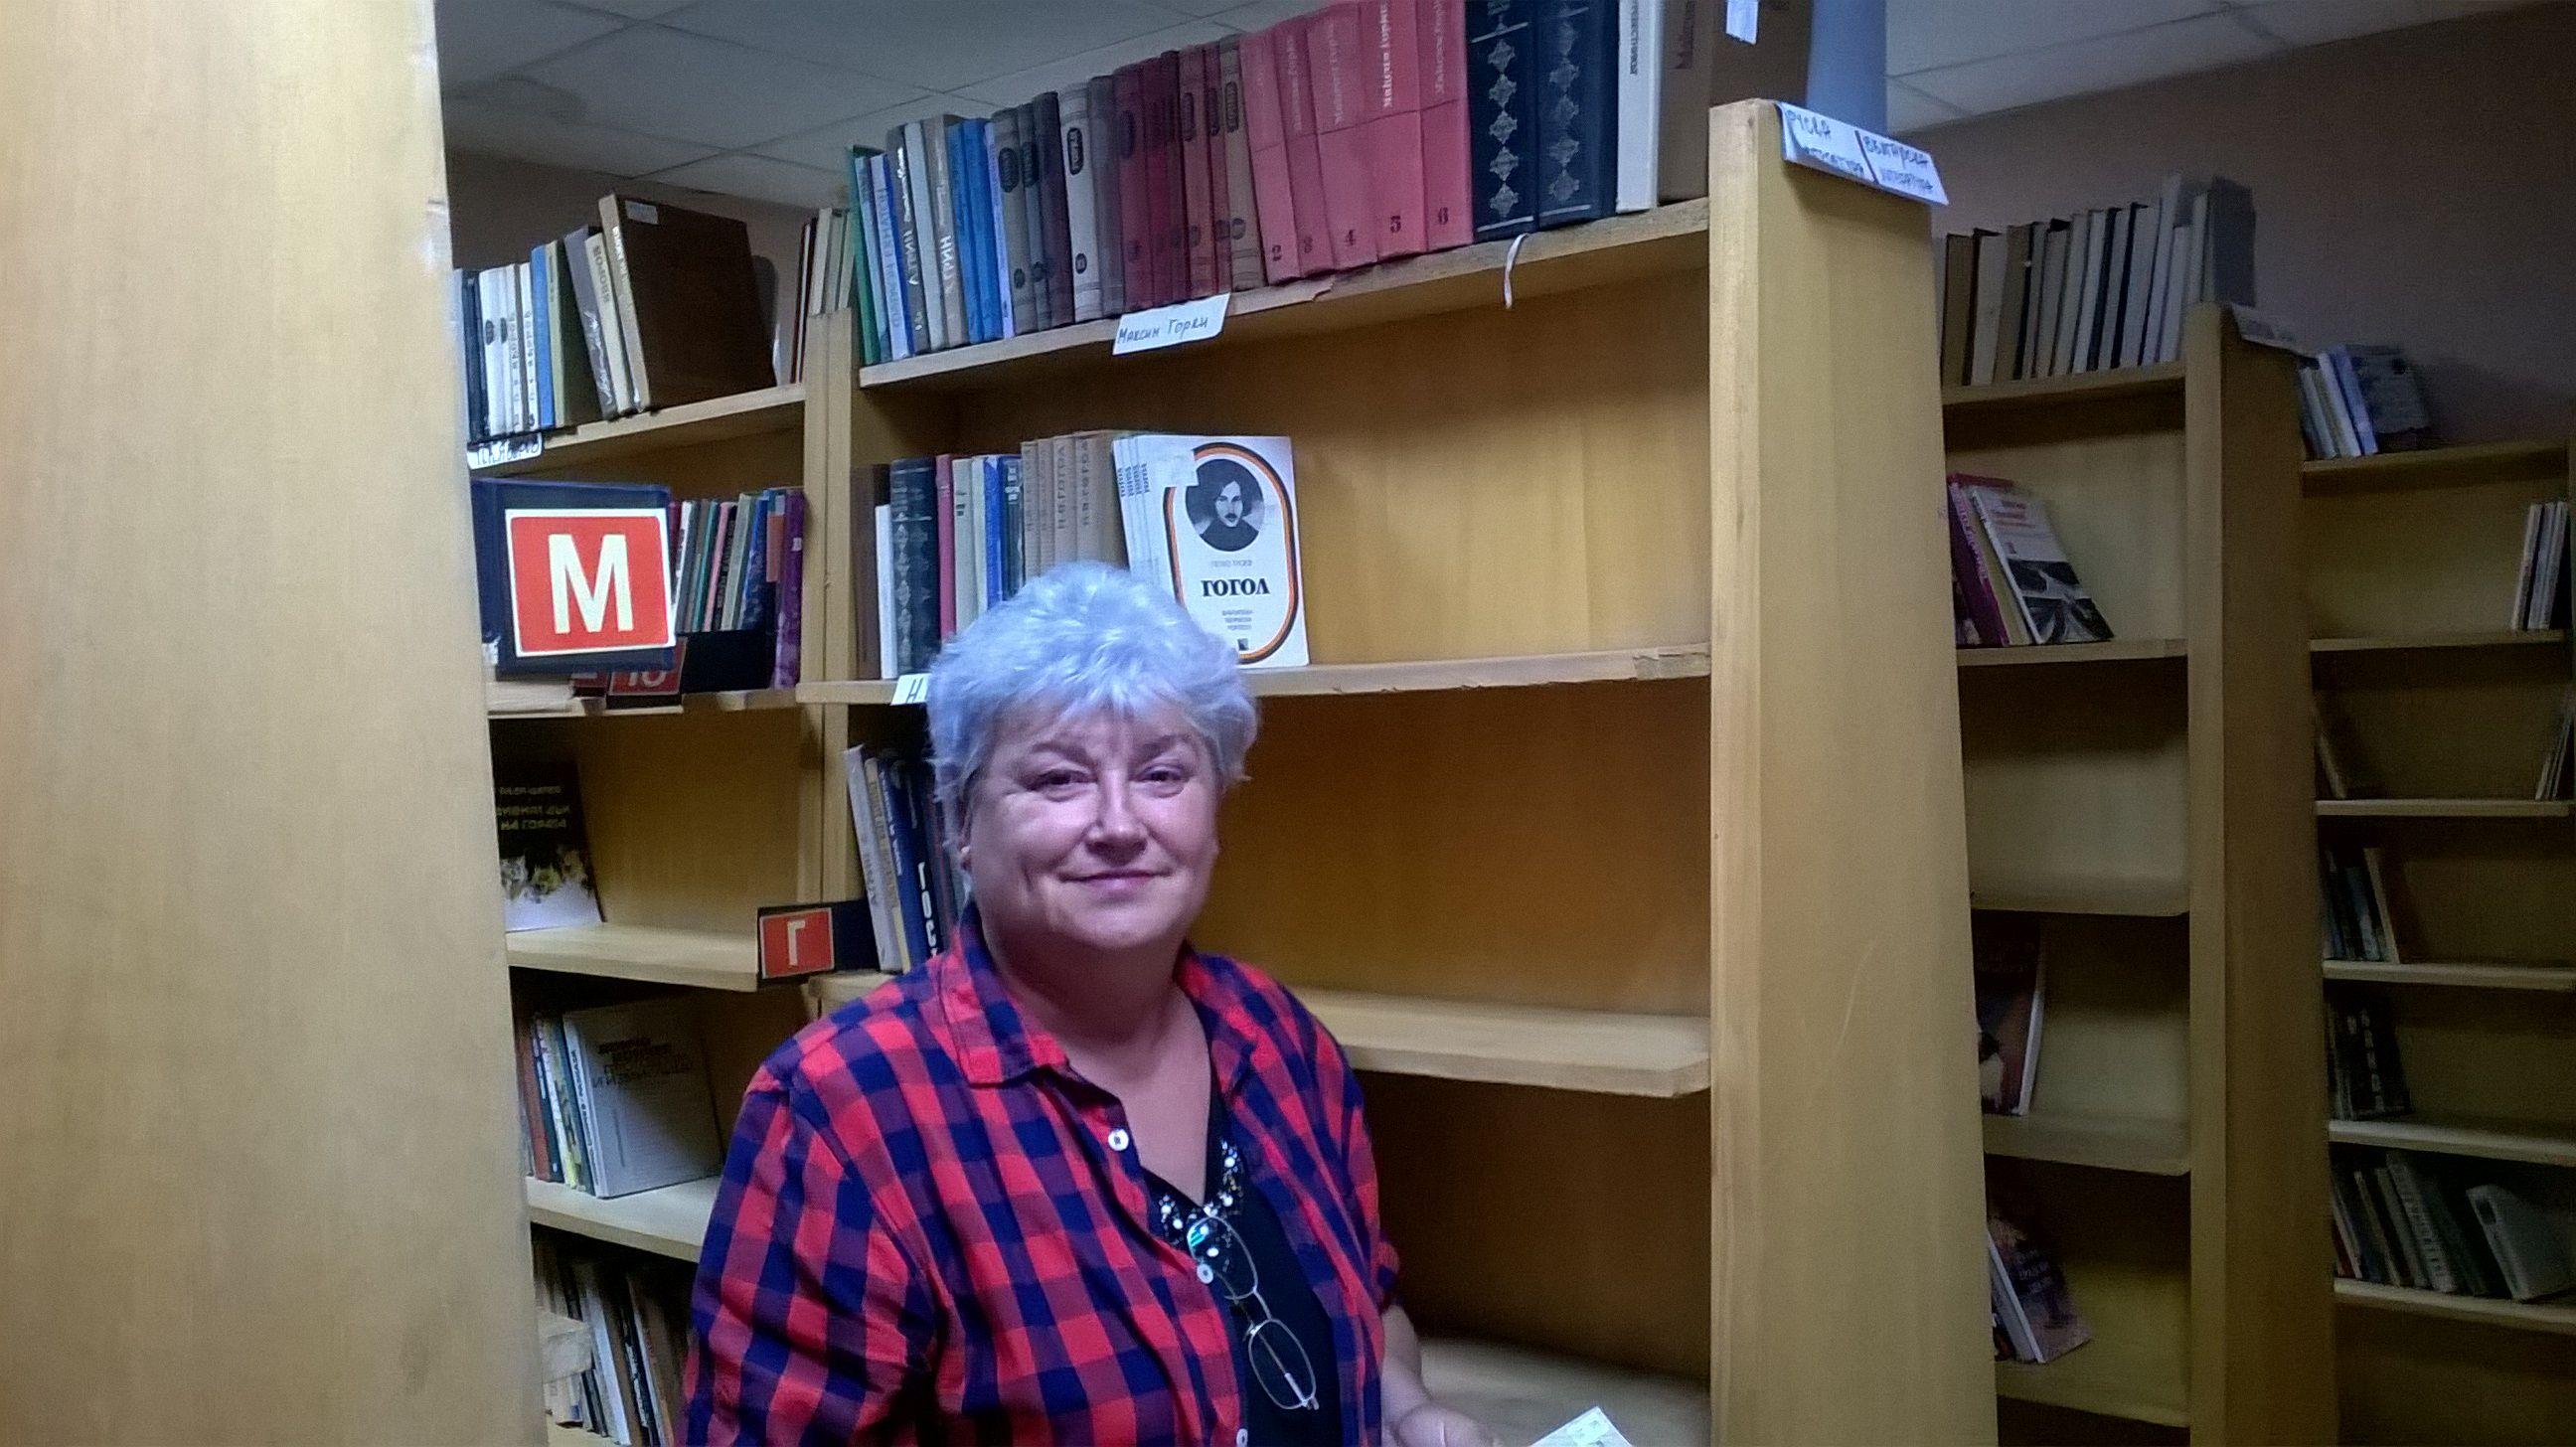 The librarian Maria Petkova Ivanova in the library of the Cultural Community Center [Chitalishte] 'Napredak' [Progress] in Chepintsi.